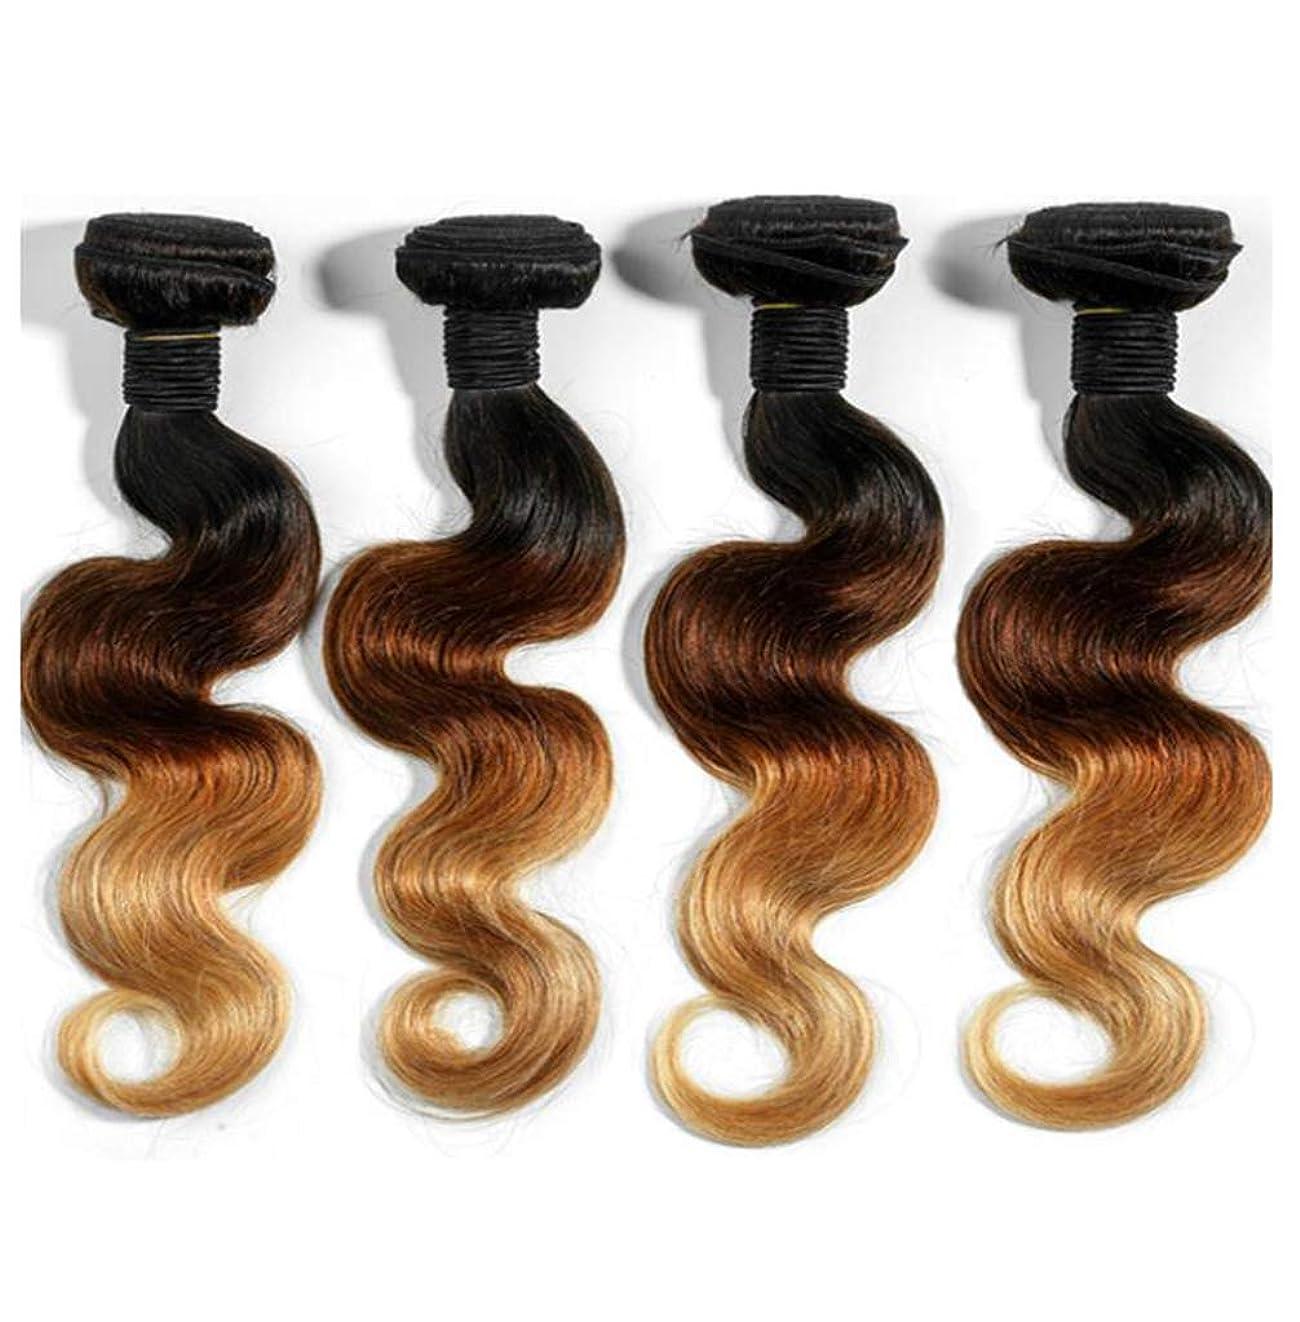 献身椅子騒女性のための人間の毛髪のかつらブラジルのバージンかつらと赤ちゃんの髪 130% 密度